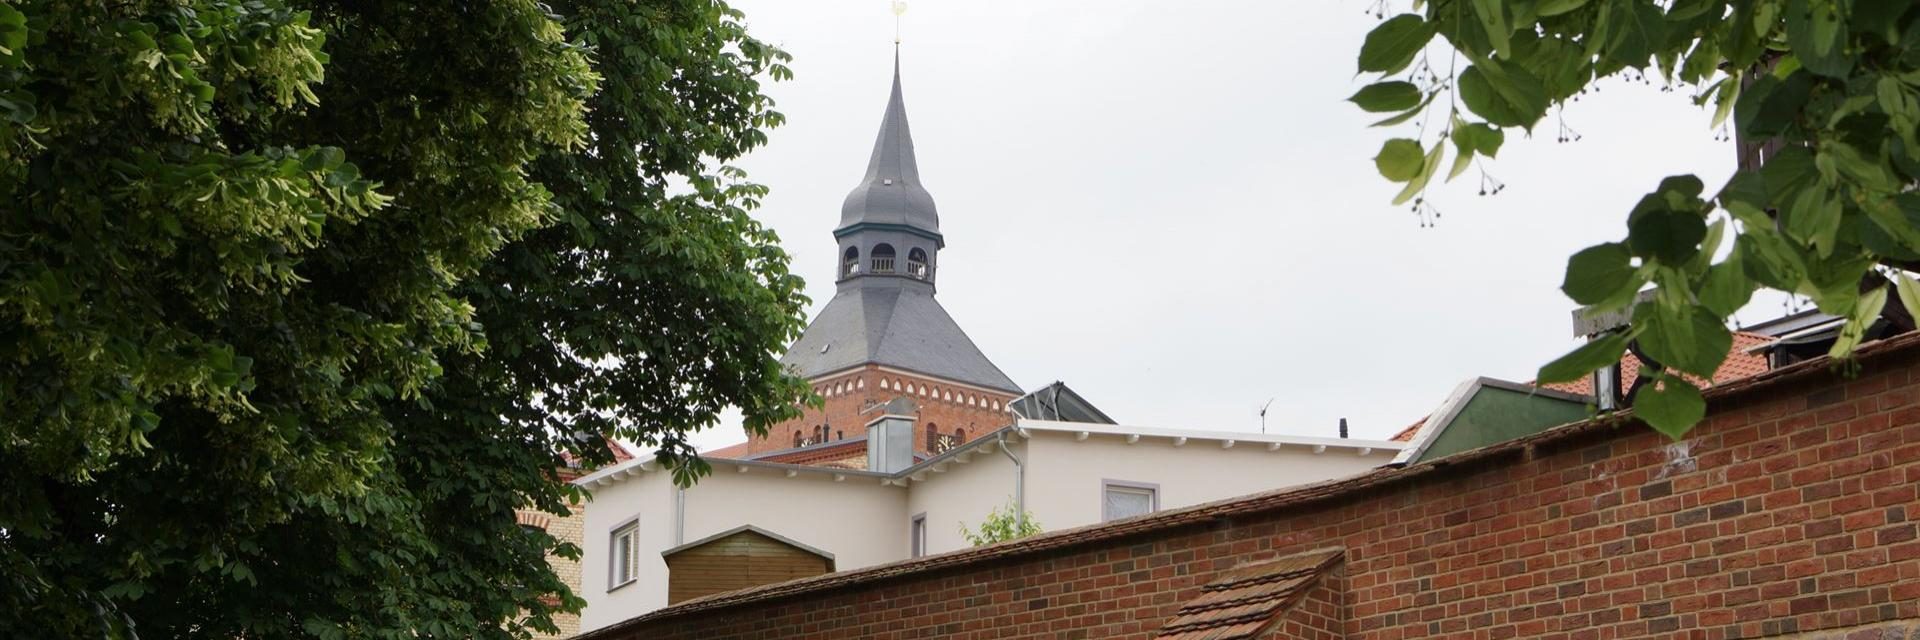 Kutschenmuseum Kobrow